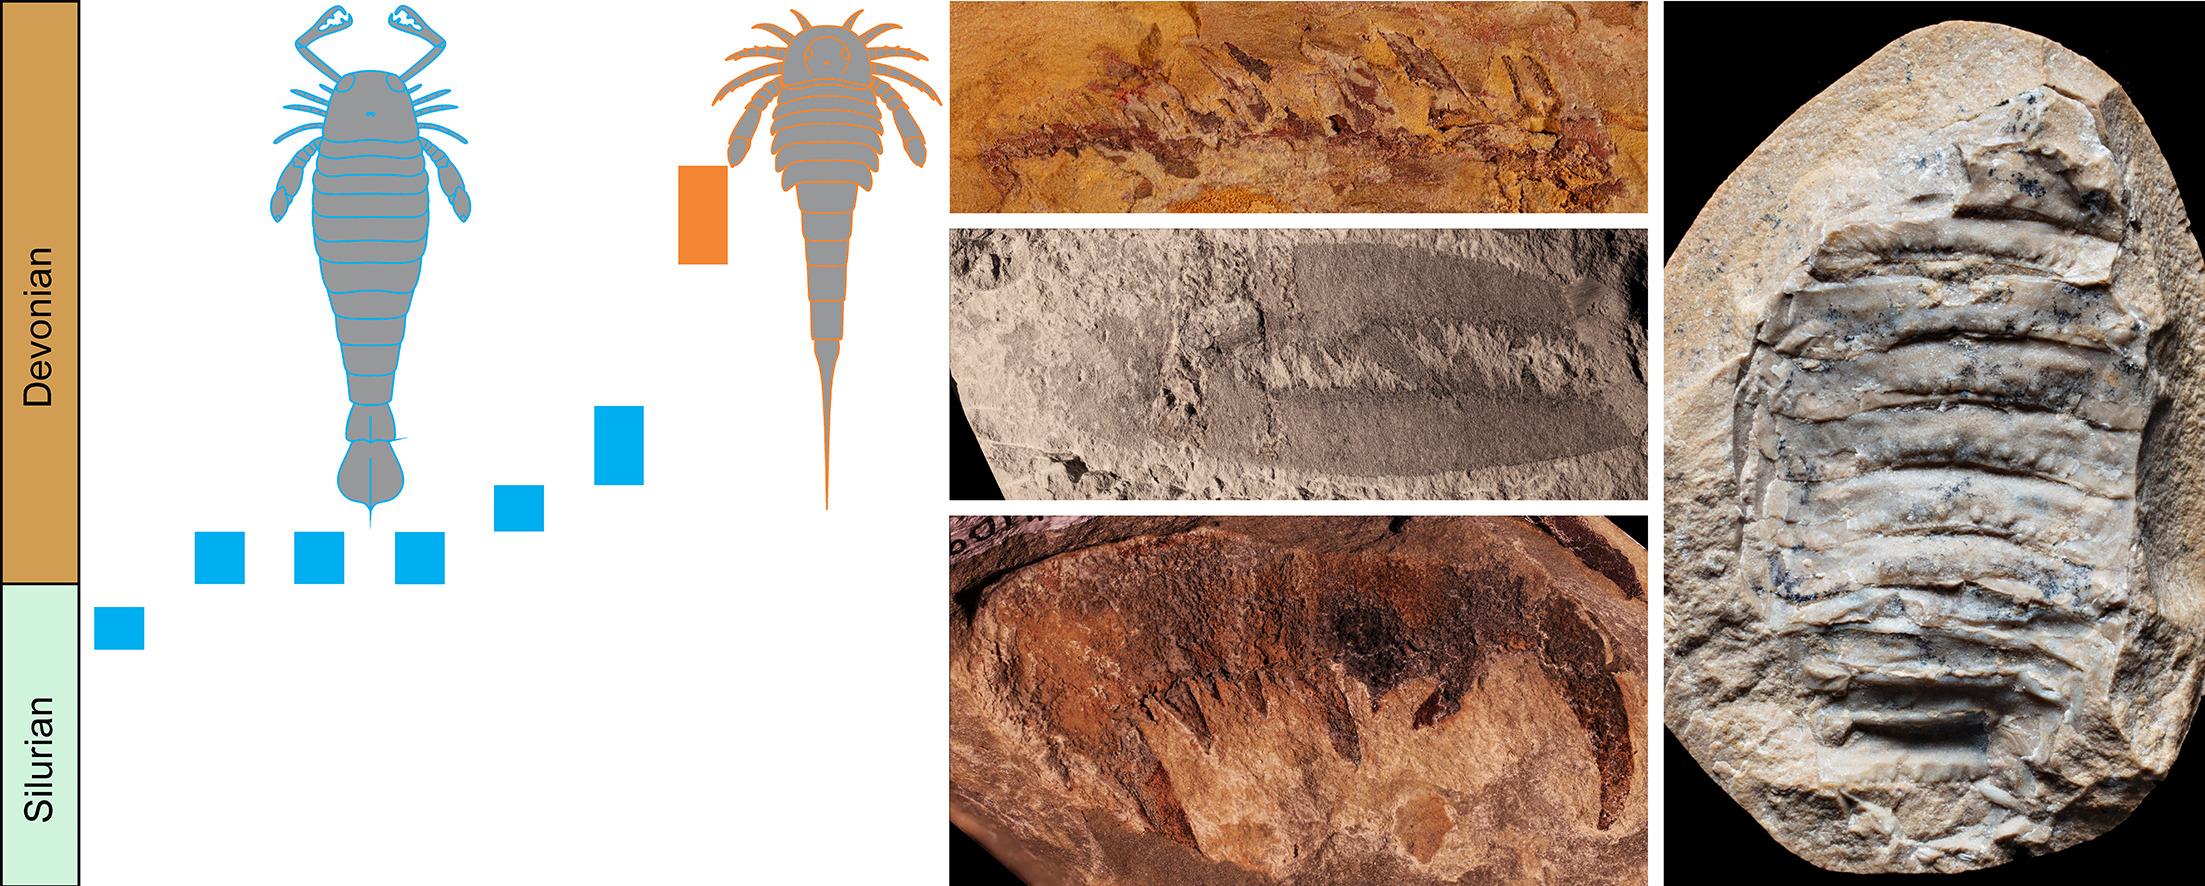 Ejemplos de fósiles de escorpiones marinos australianos´.